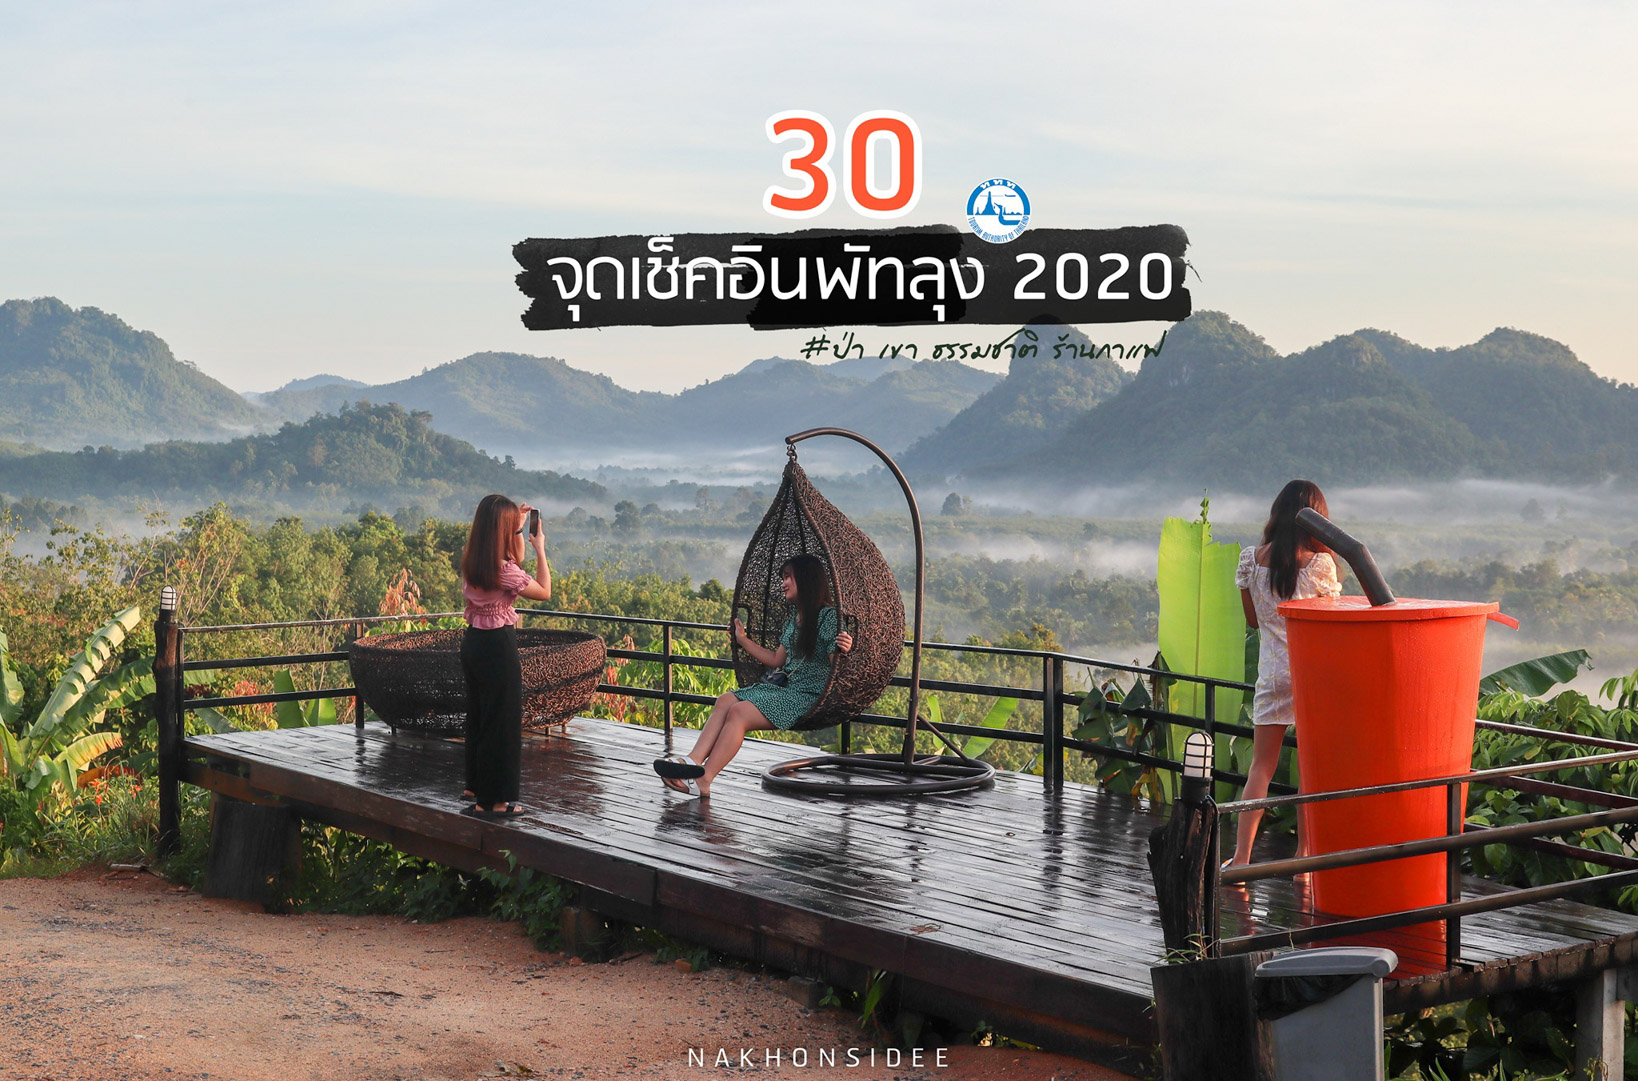 30 จุดเช็คอินพัทลุง 2021  ที่พัก สถานที่ท่องเที่ยว ทะเล ภูเขา น้ำตก ธรรมชาติ ร้านกาแฟ คาเฟ่ ครบ